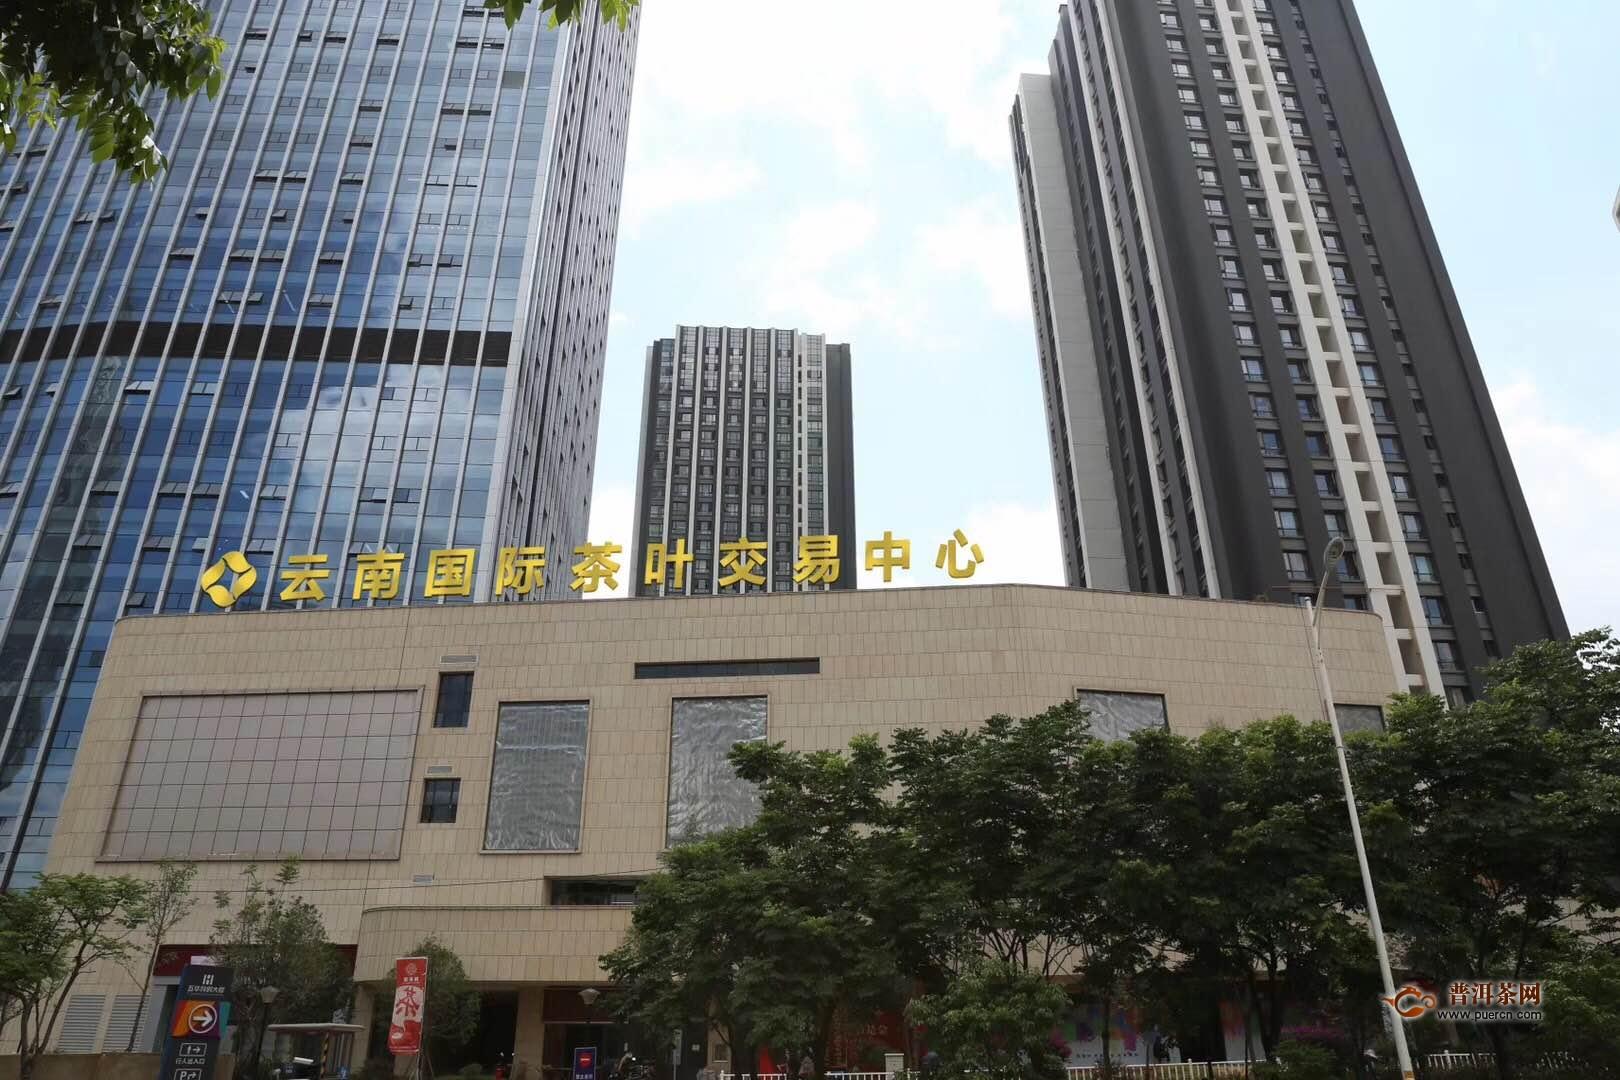 云南国际茶叶交易中心2019年股东(扩大)会议在昆召开